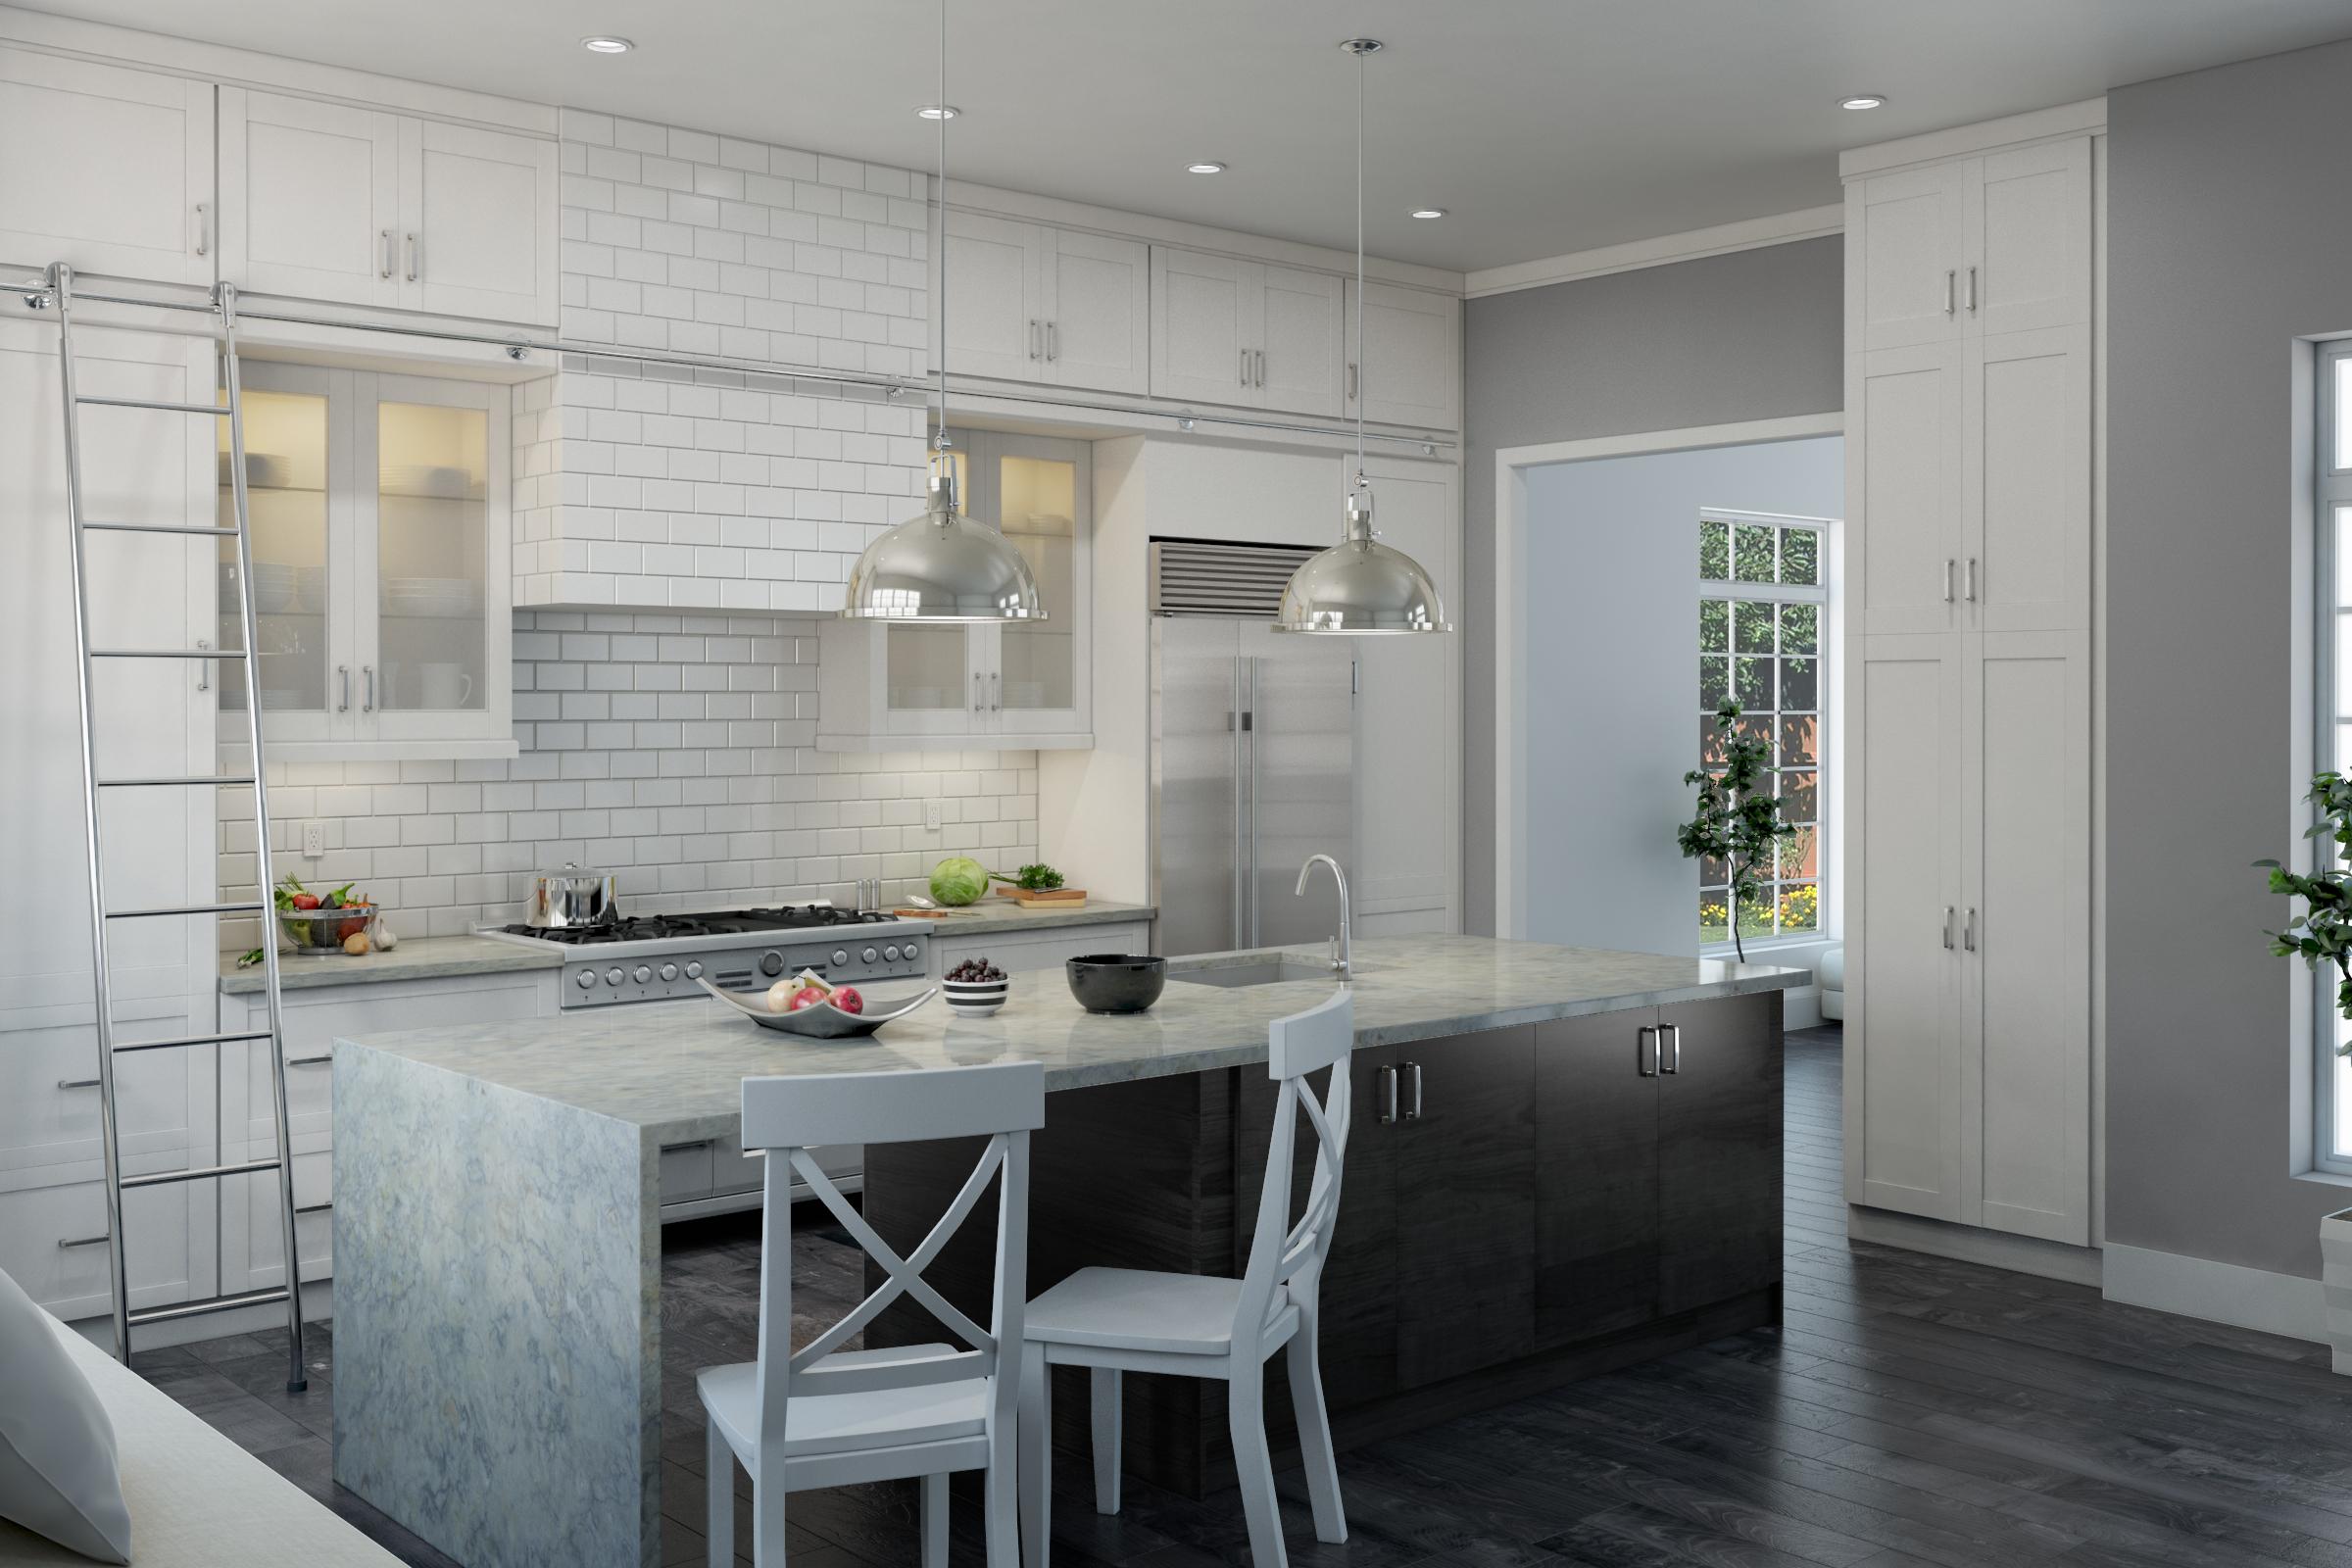 inspired kitchen design marks 2 500th ikea 174 kitchen design